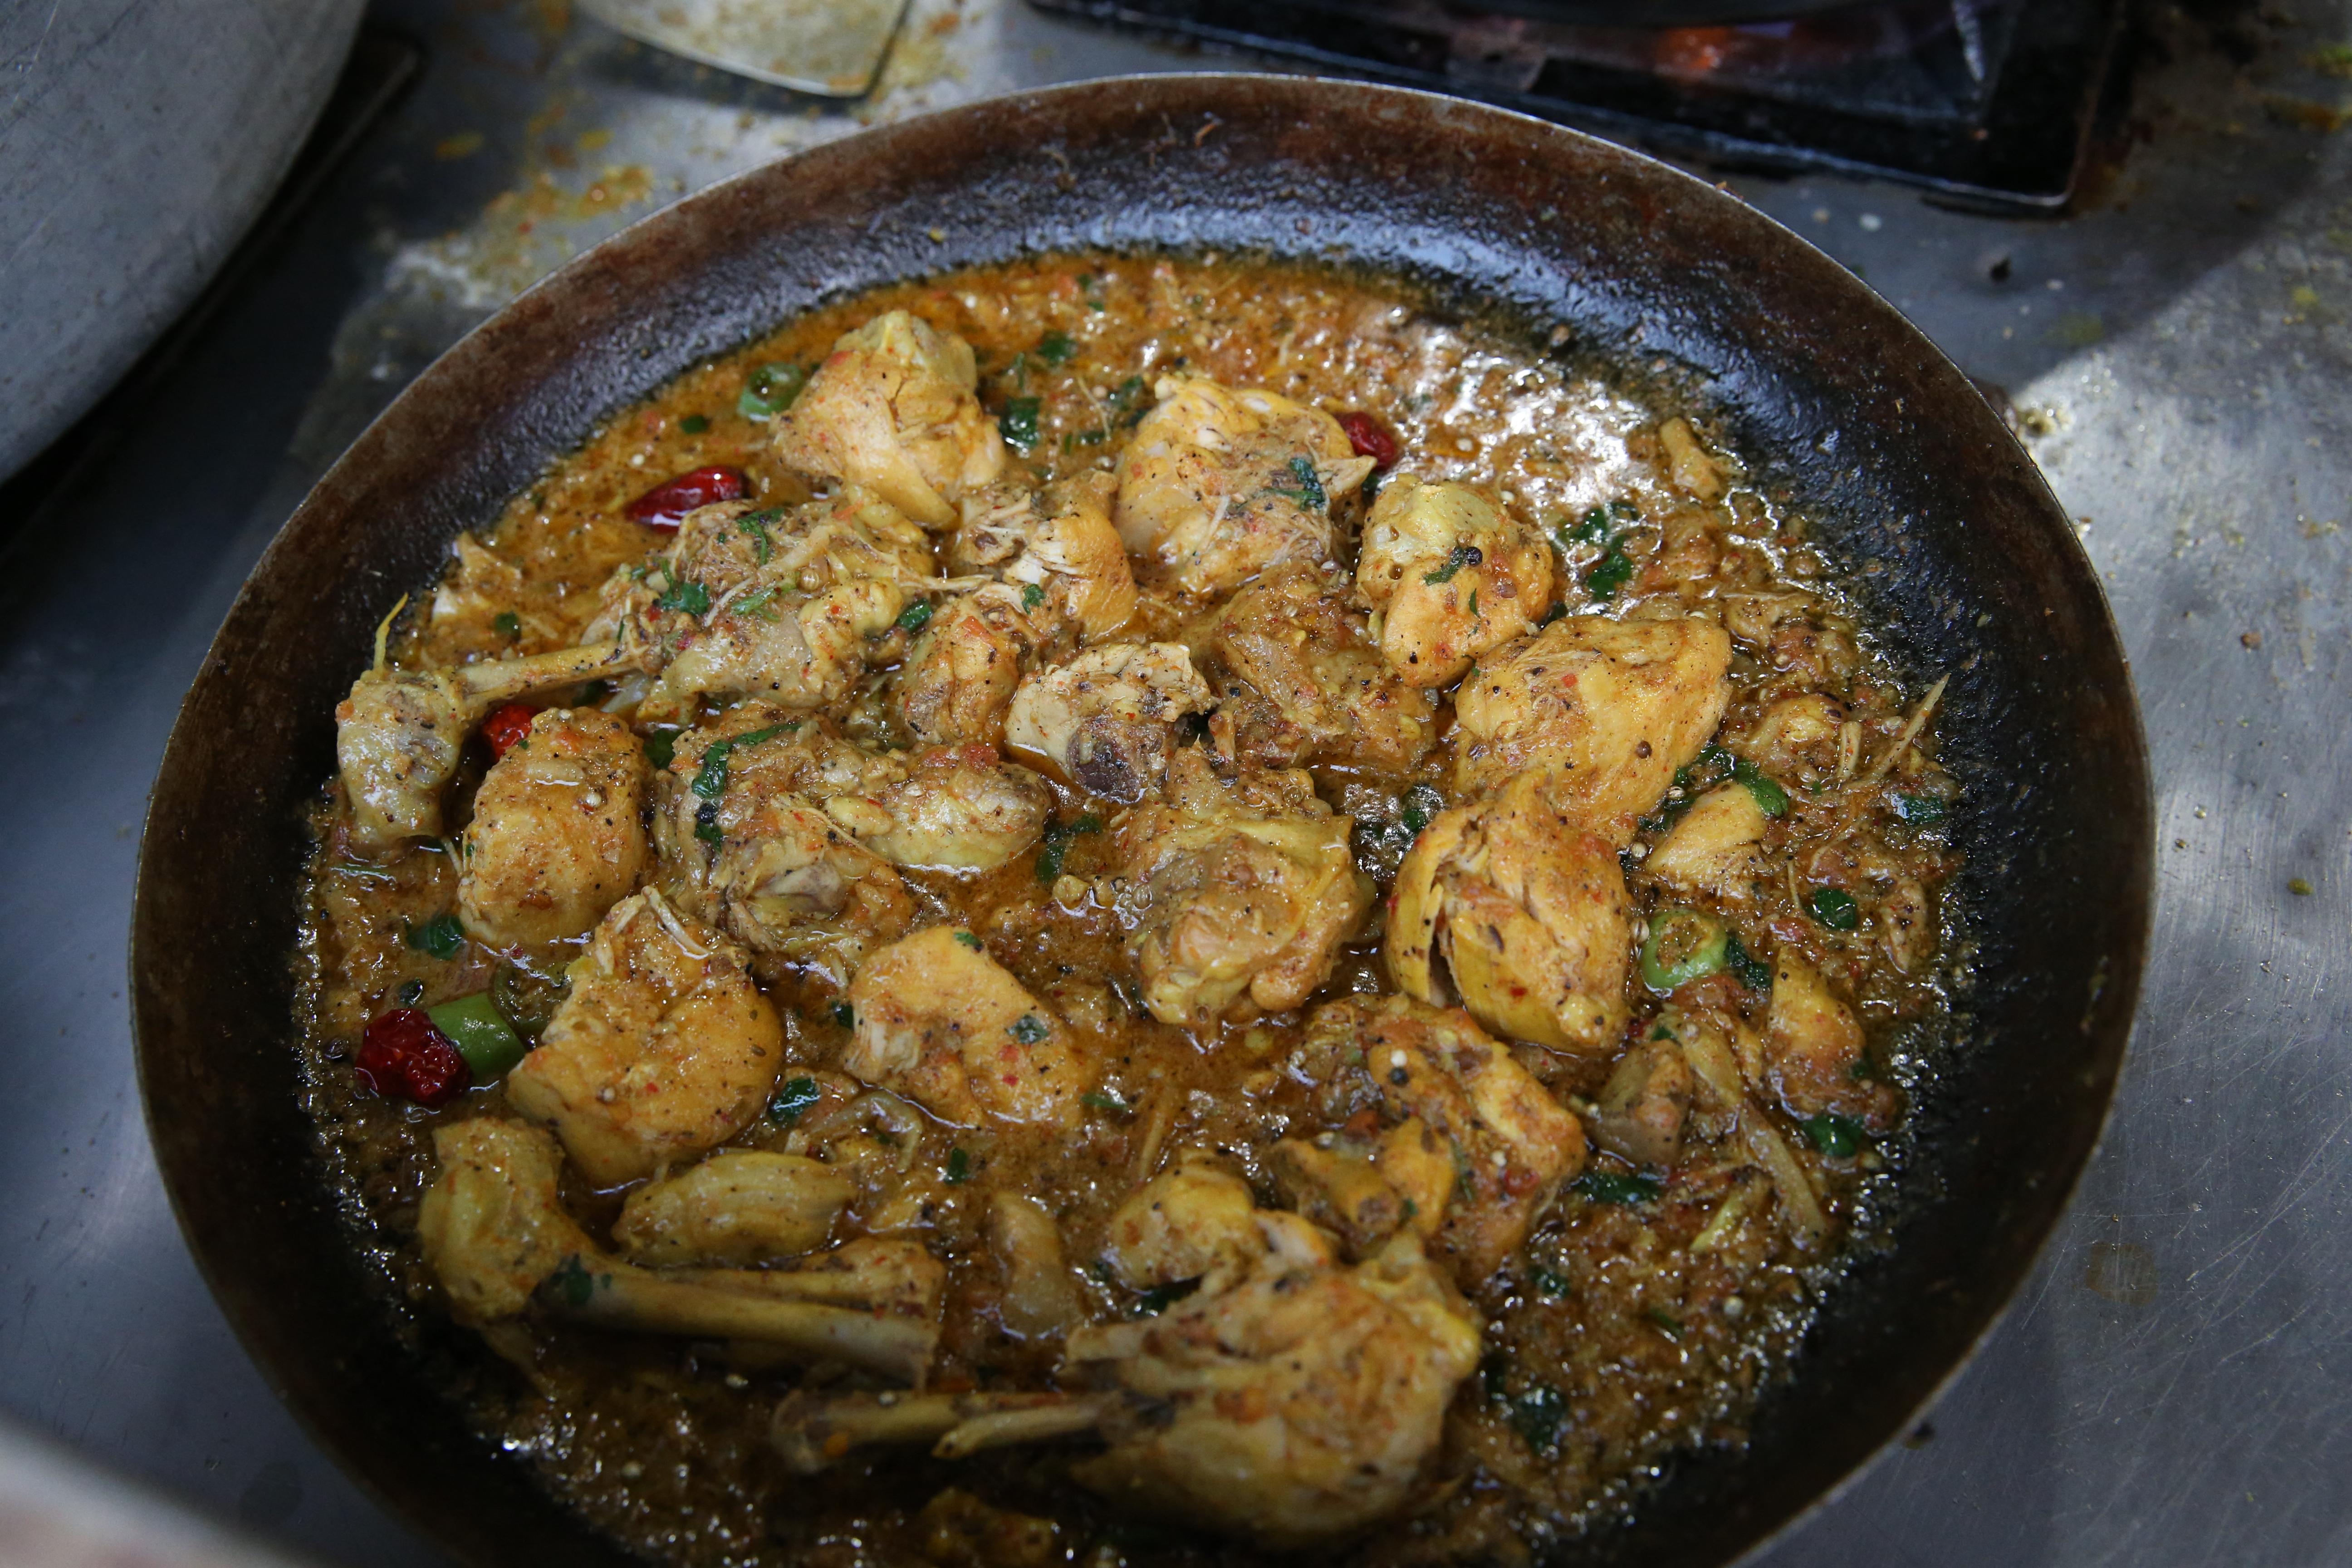 Budapesti étteremben fogtak kényszermunkára pakisztáni szakácsokat